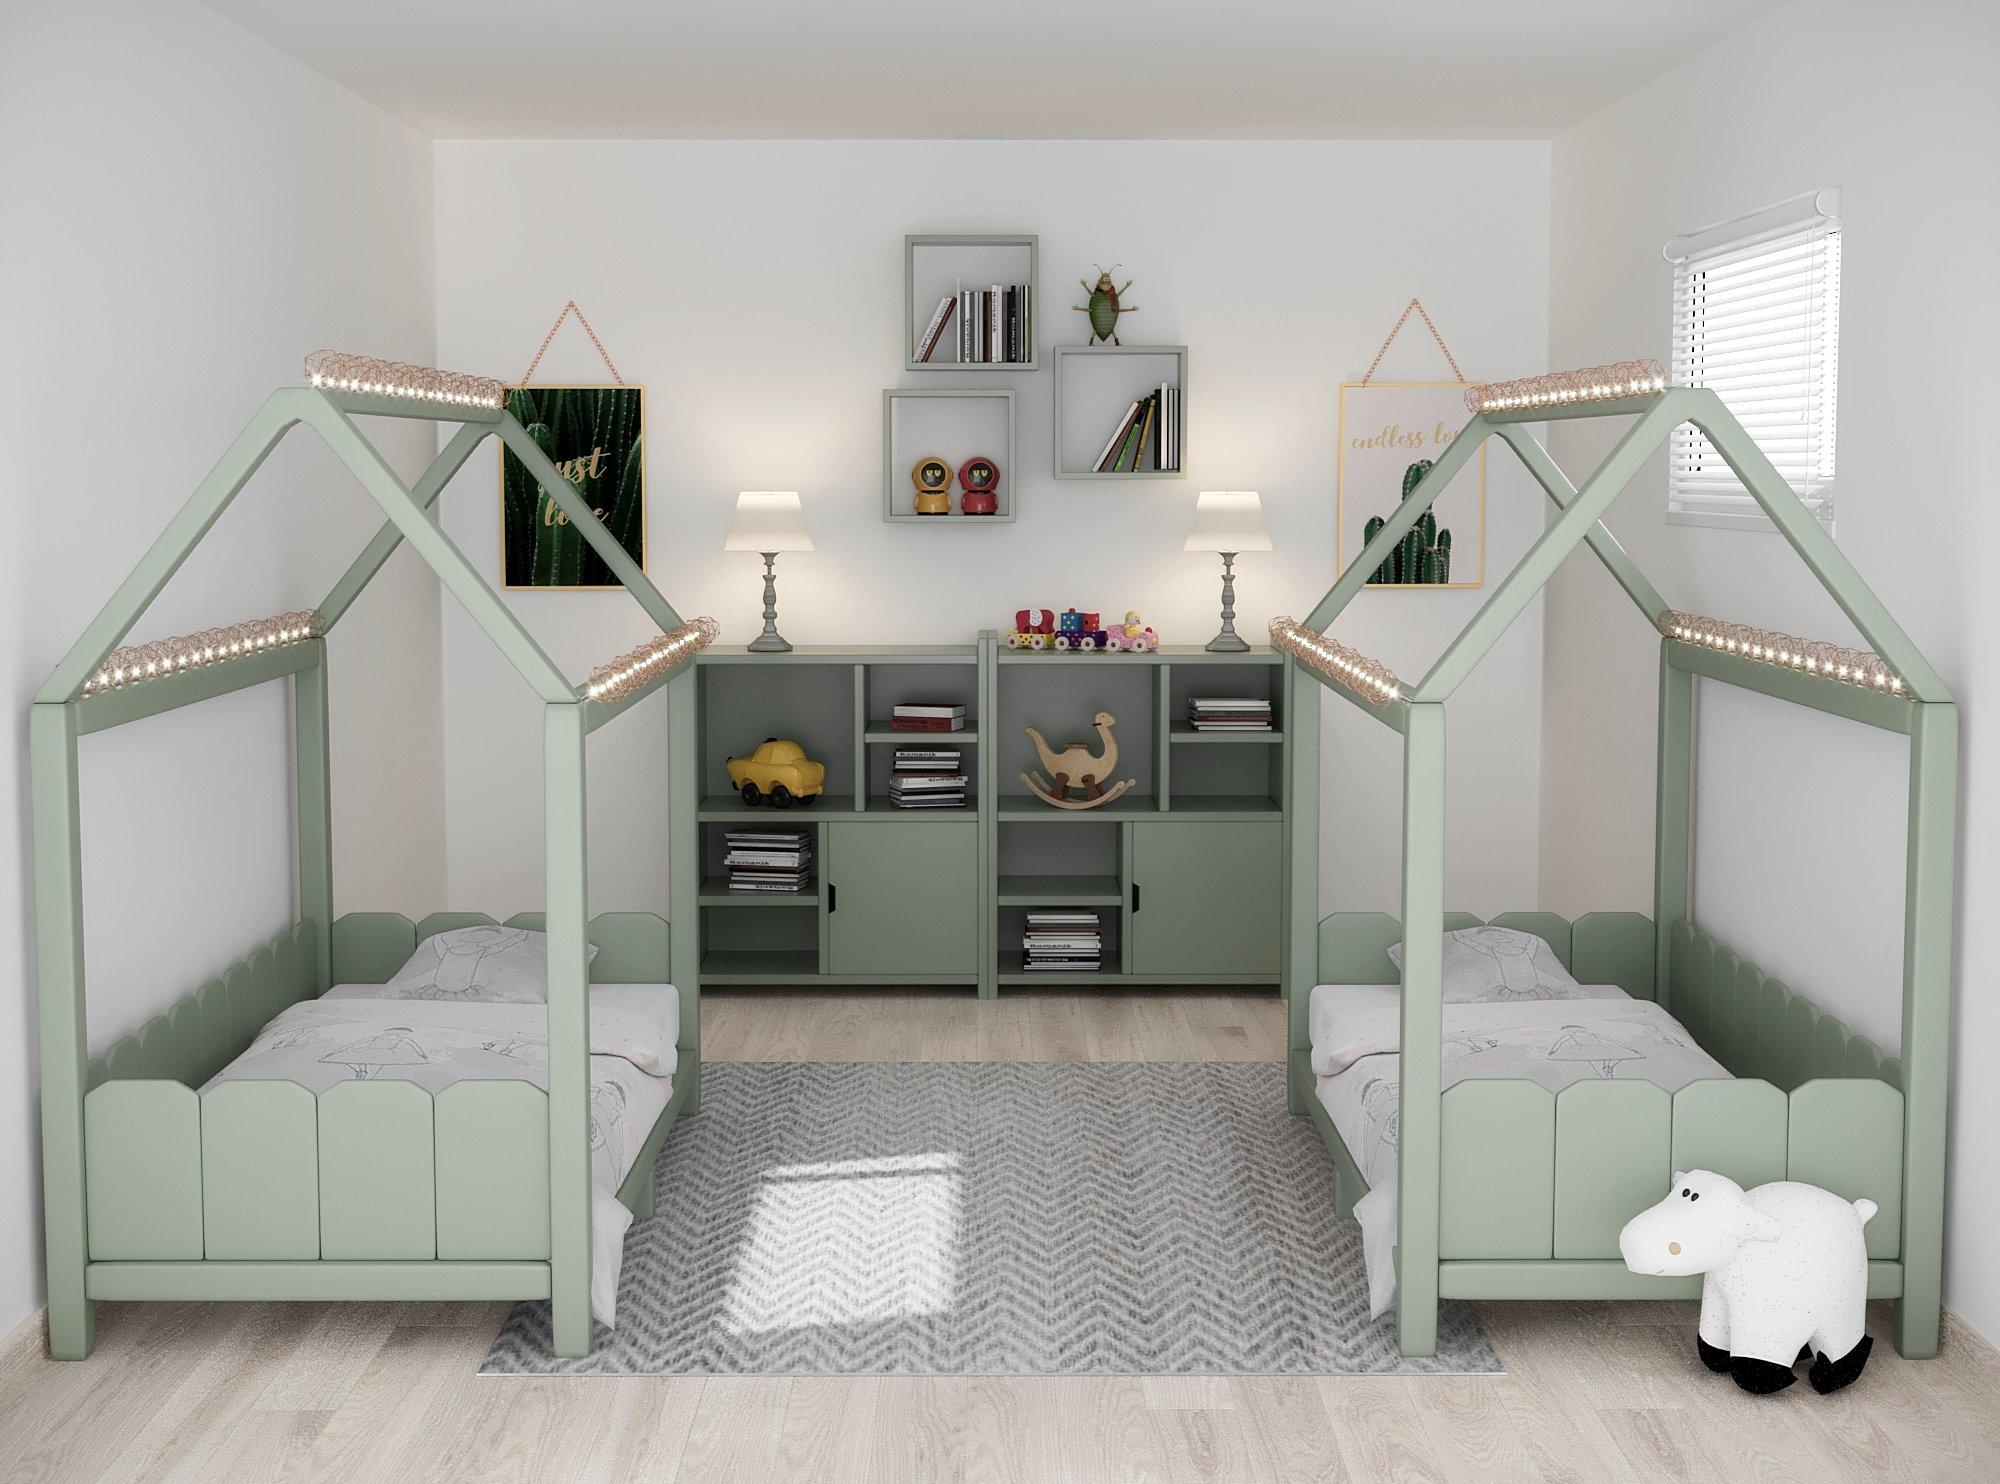 Chambre D Enfant Scandinave Verte Grise Blanche Inspiration Style